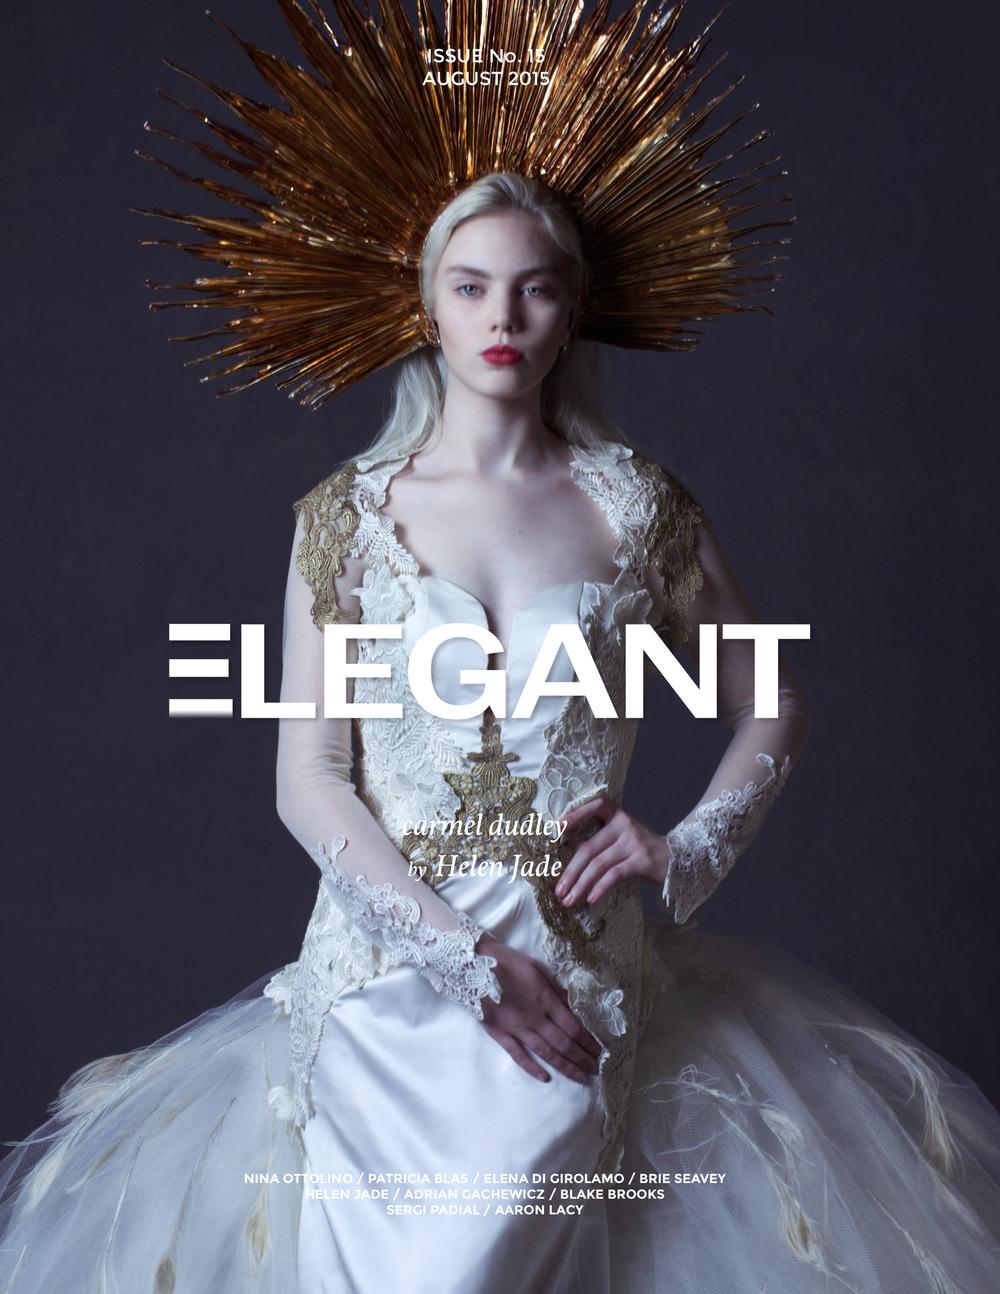 Elegant Magazine August 2015 Issue